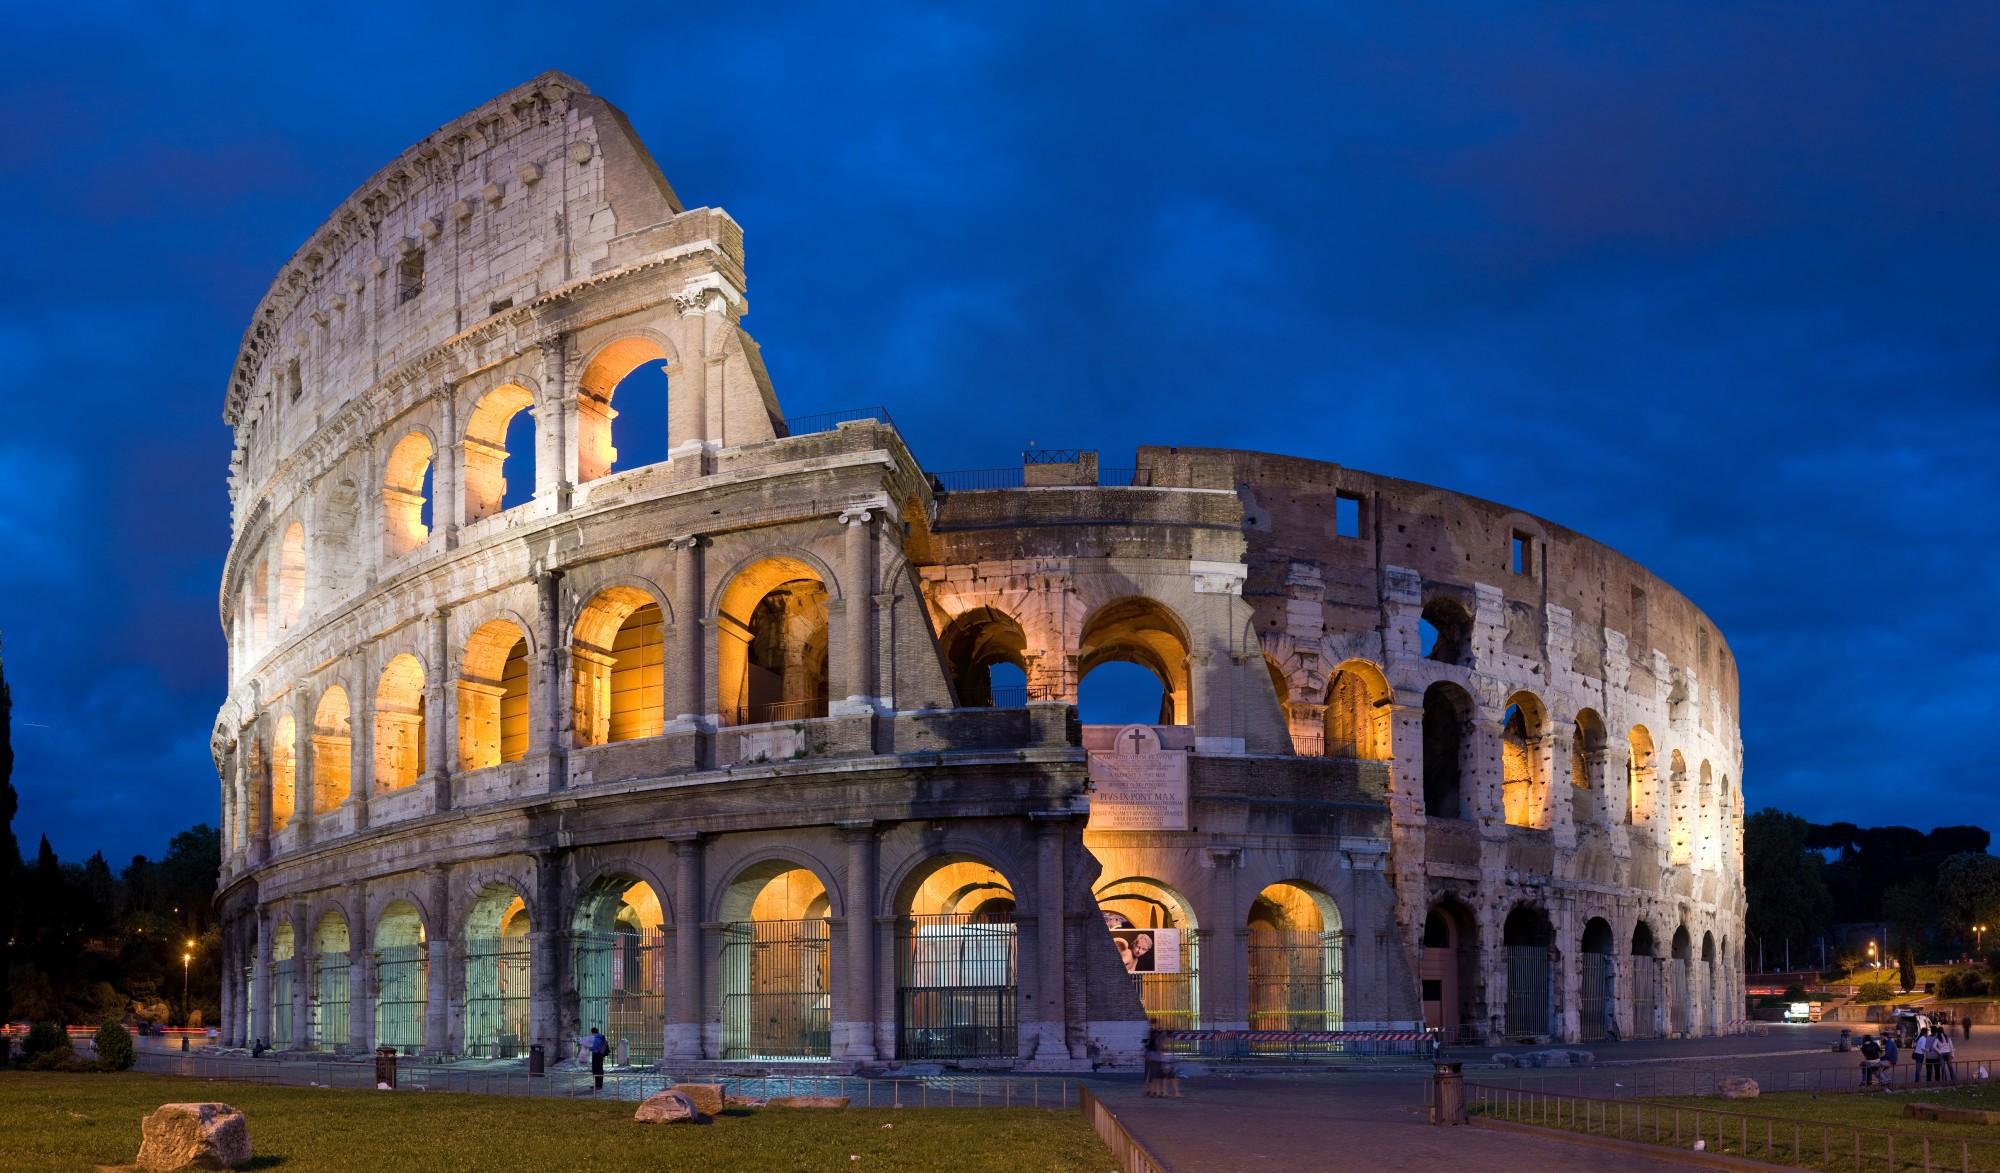 Colosseum_in_Rome_Italy_-_April_2007-e1300679753842